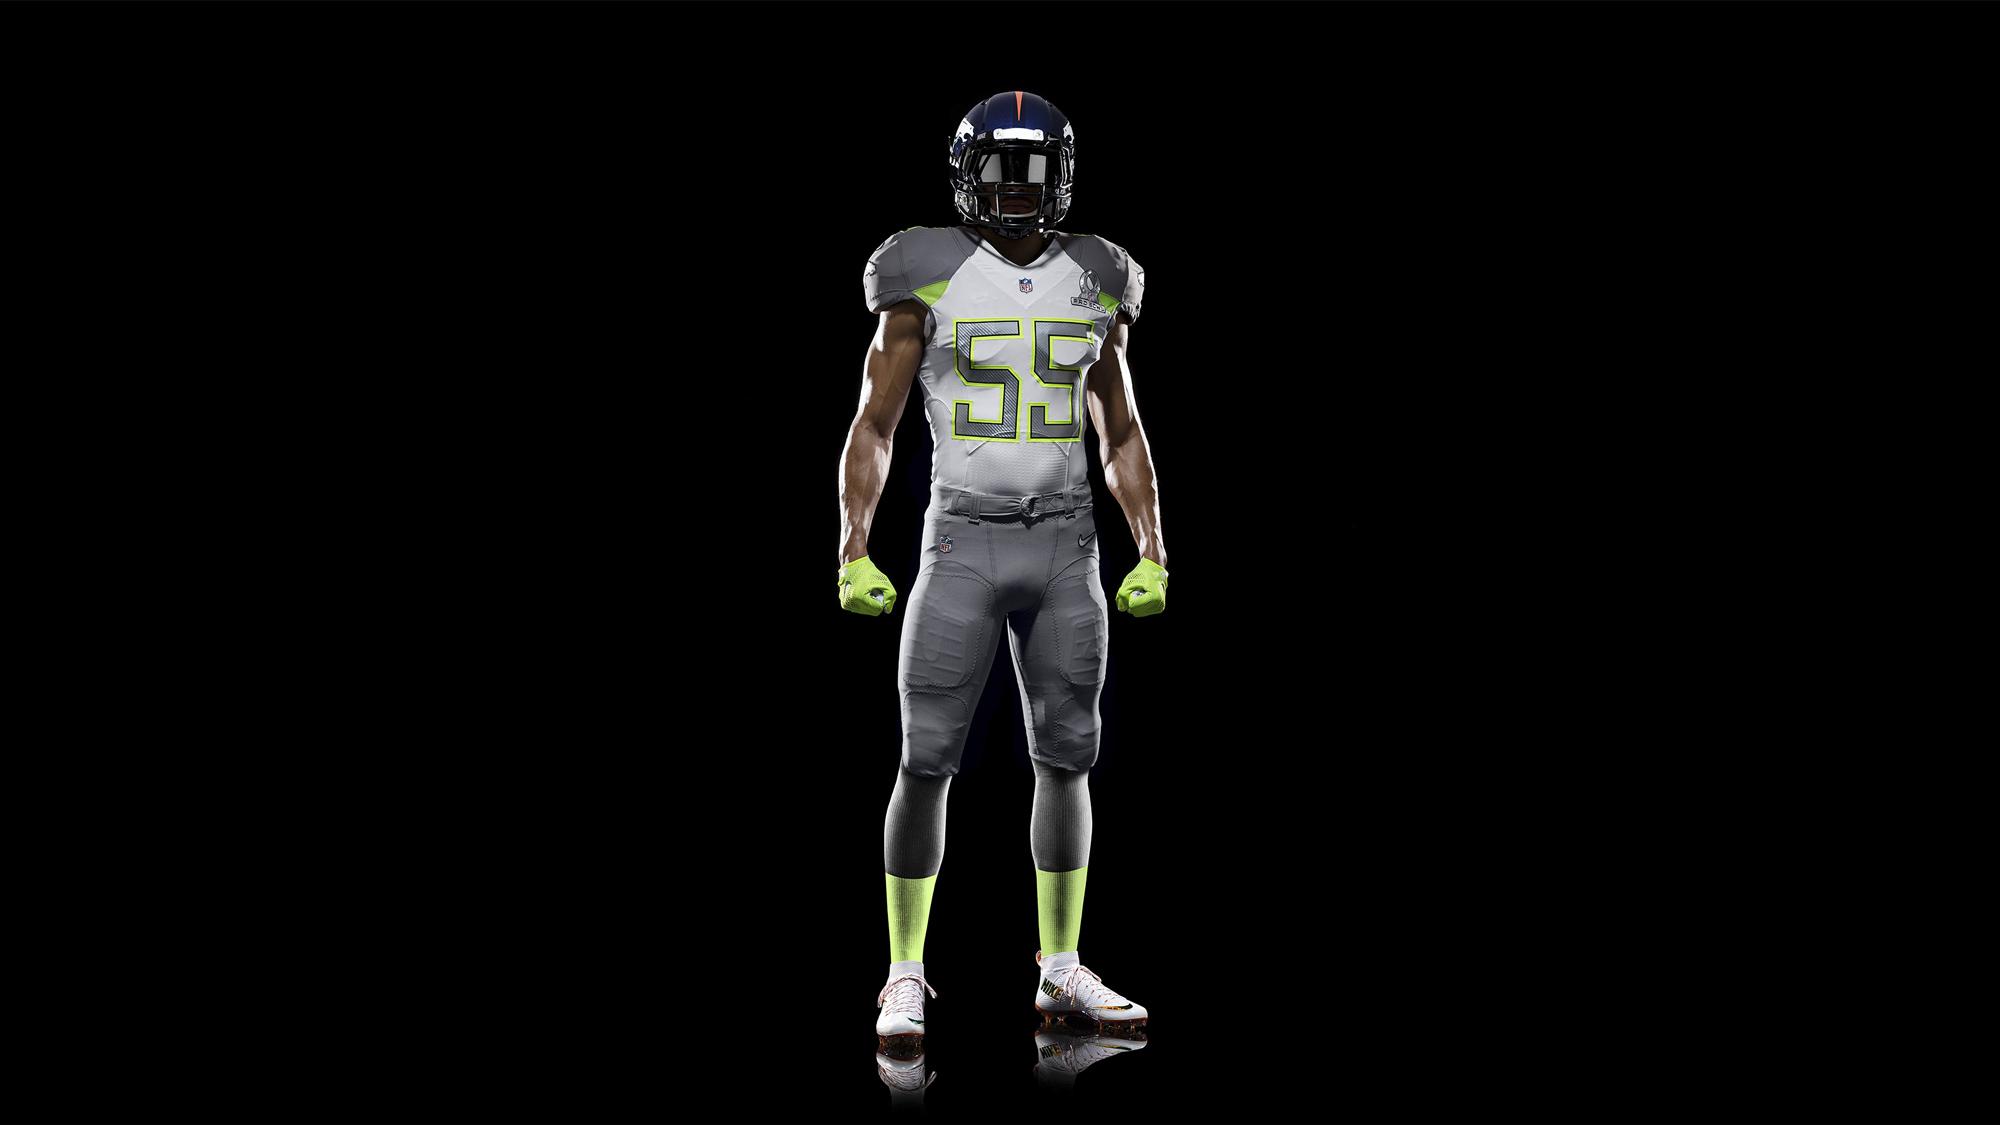 SP14_NFL_SB_TeamUni_AFC_4650_PR_original.jpg